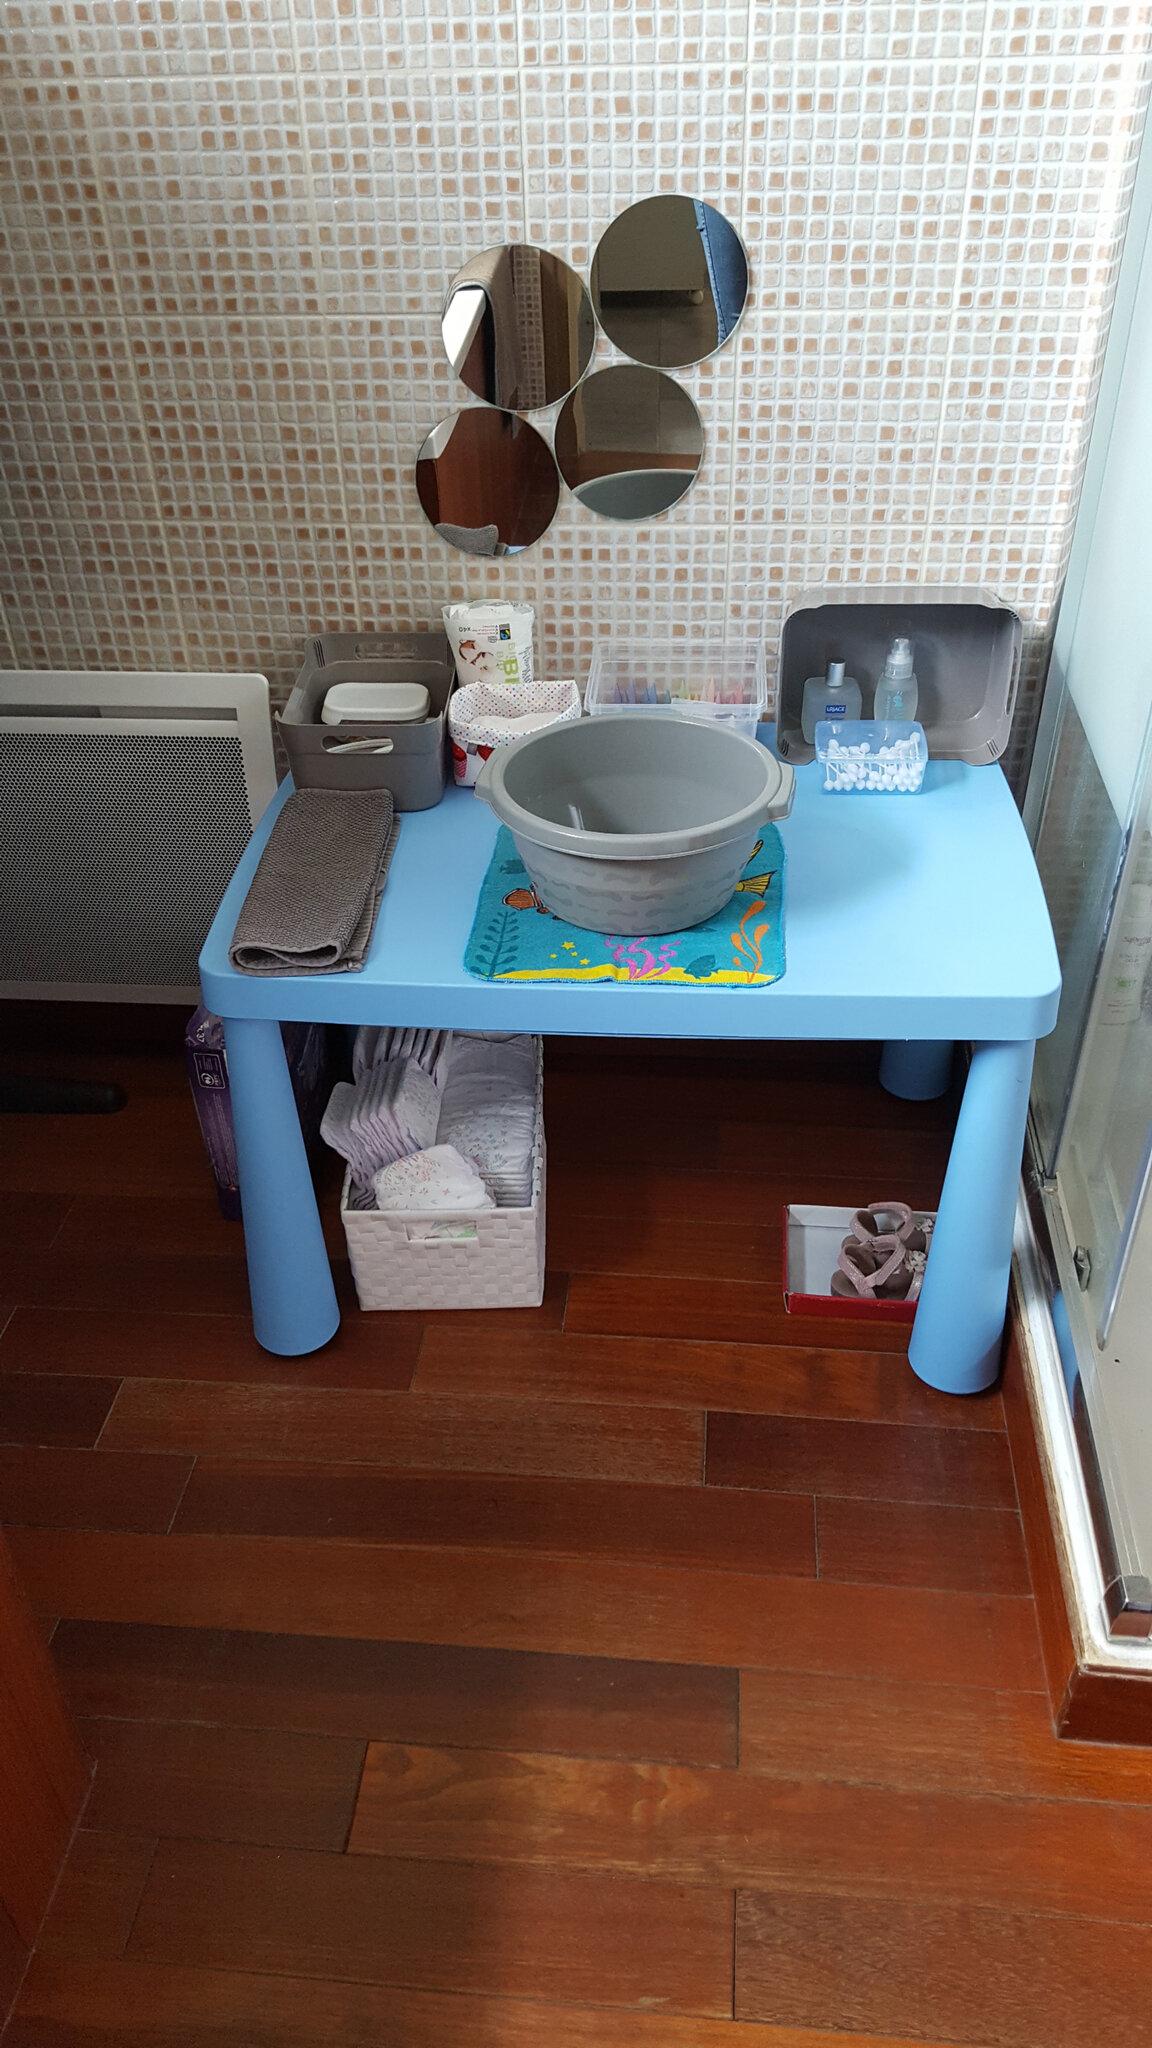 Aménagement de la salle de bains ou la toilette selon la Pédagogie